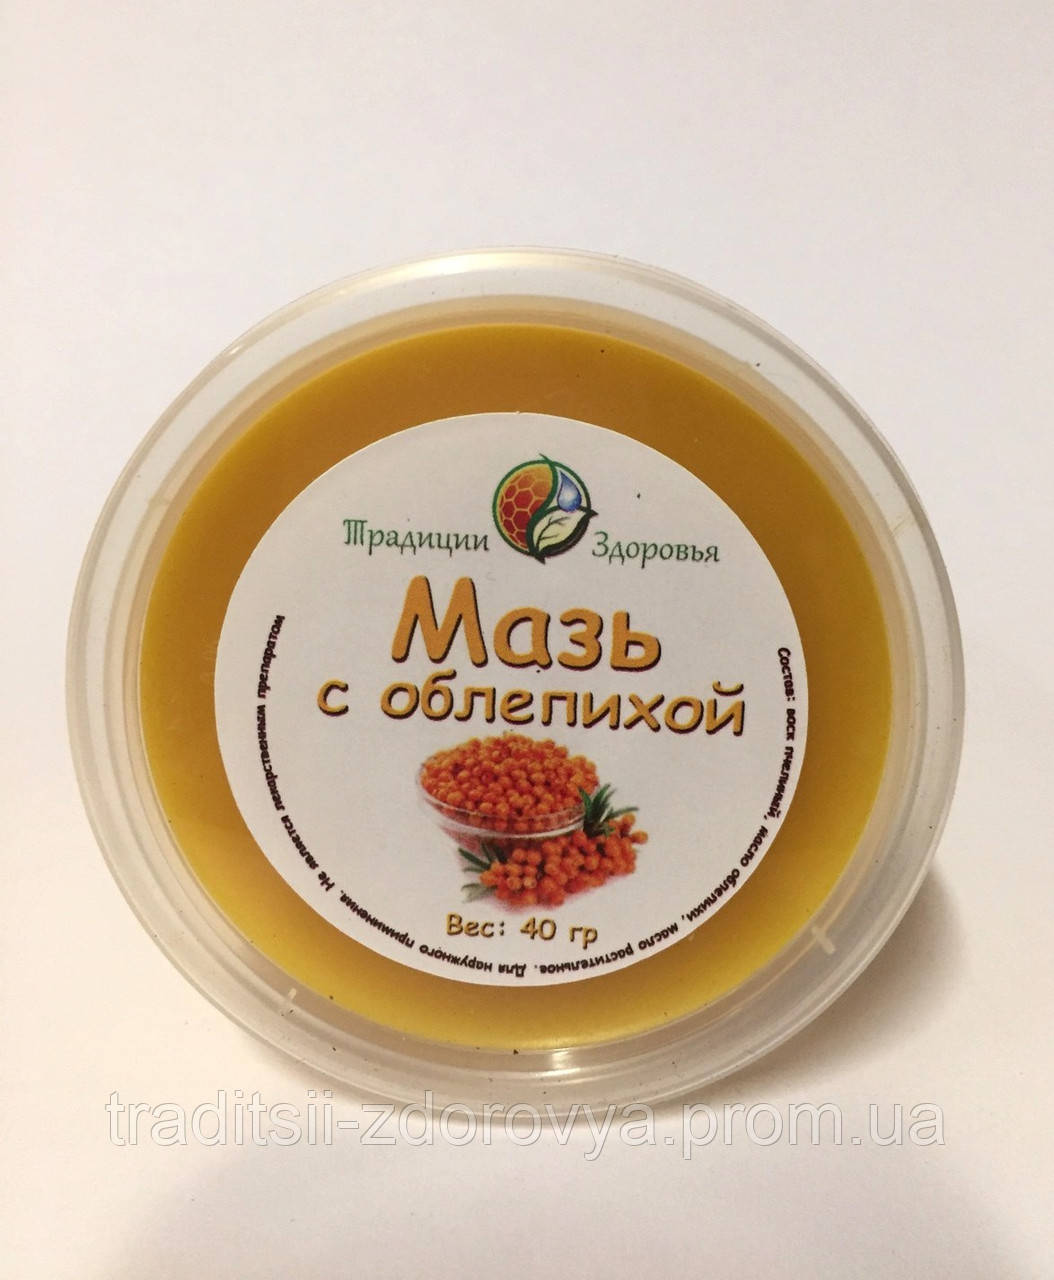 Мазь с облепиховым маслом, 40г